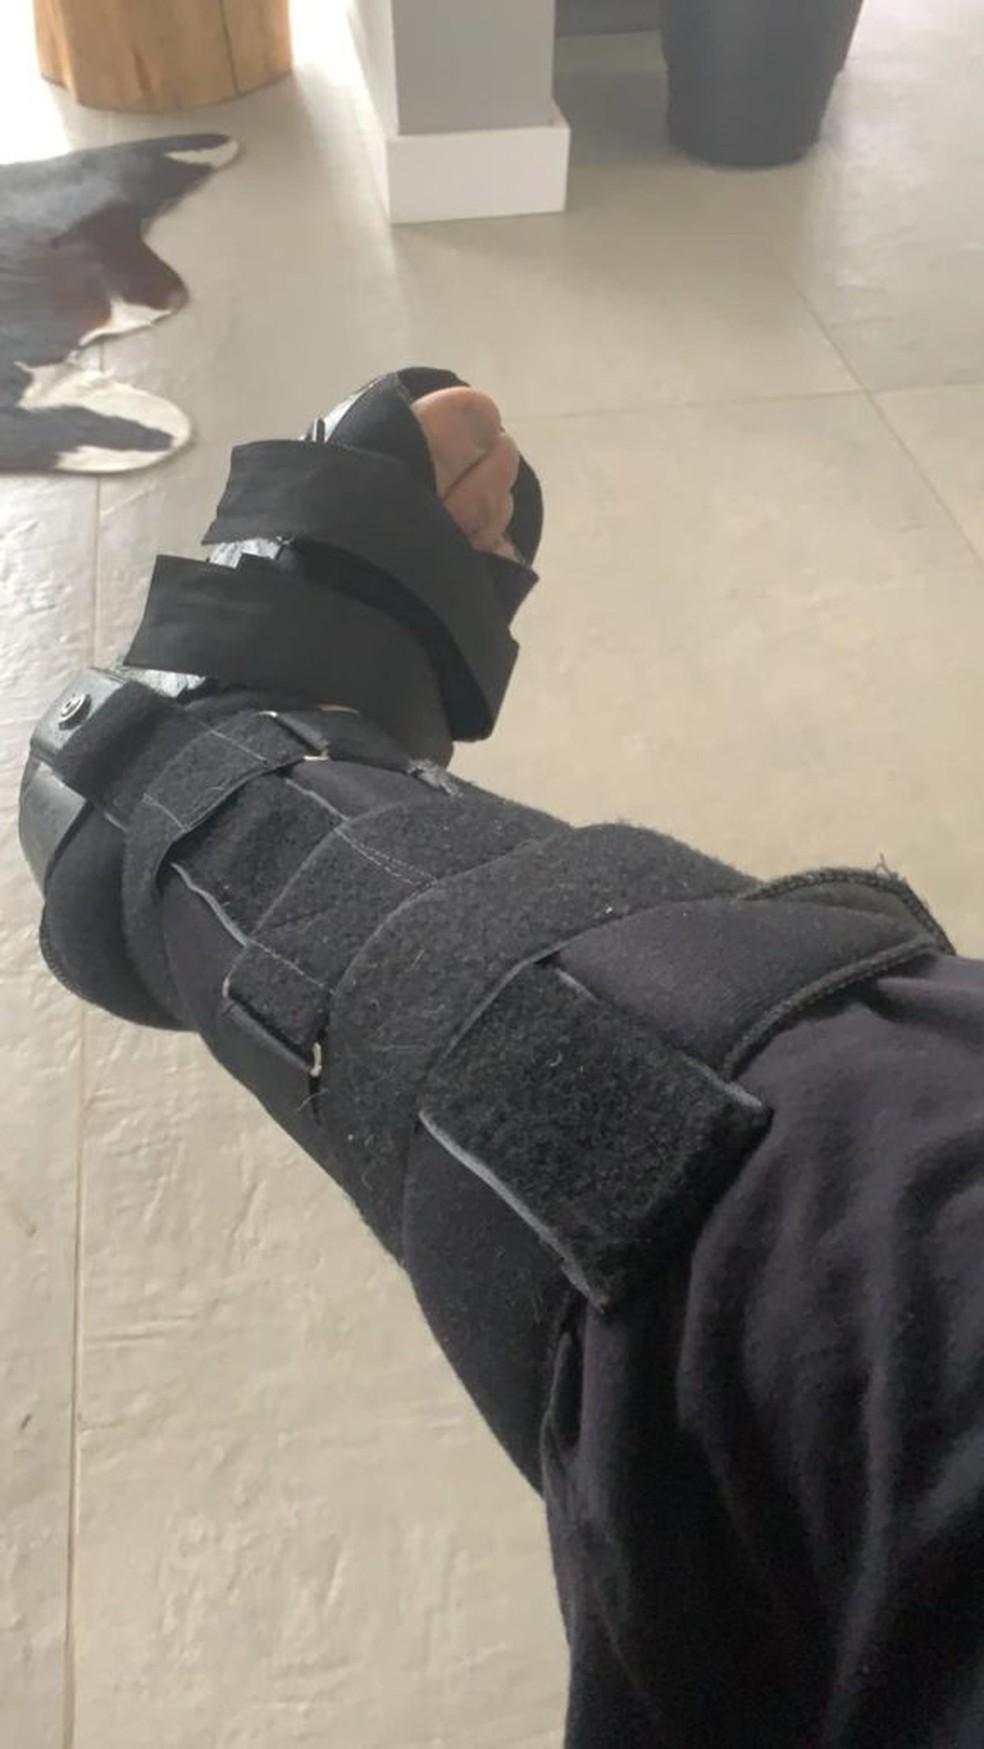 Wanderlei Silva fraturou um osso do pé no acidente — Foto: Arquivo pessoal